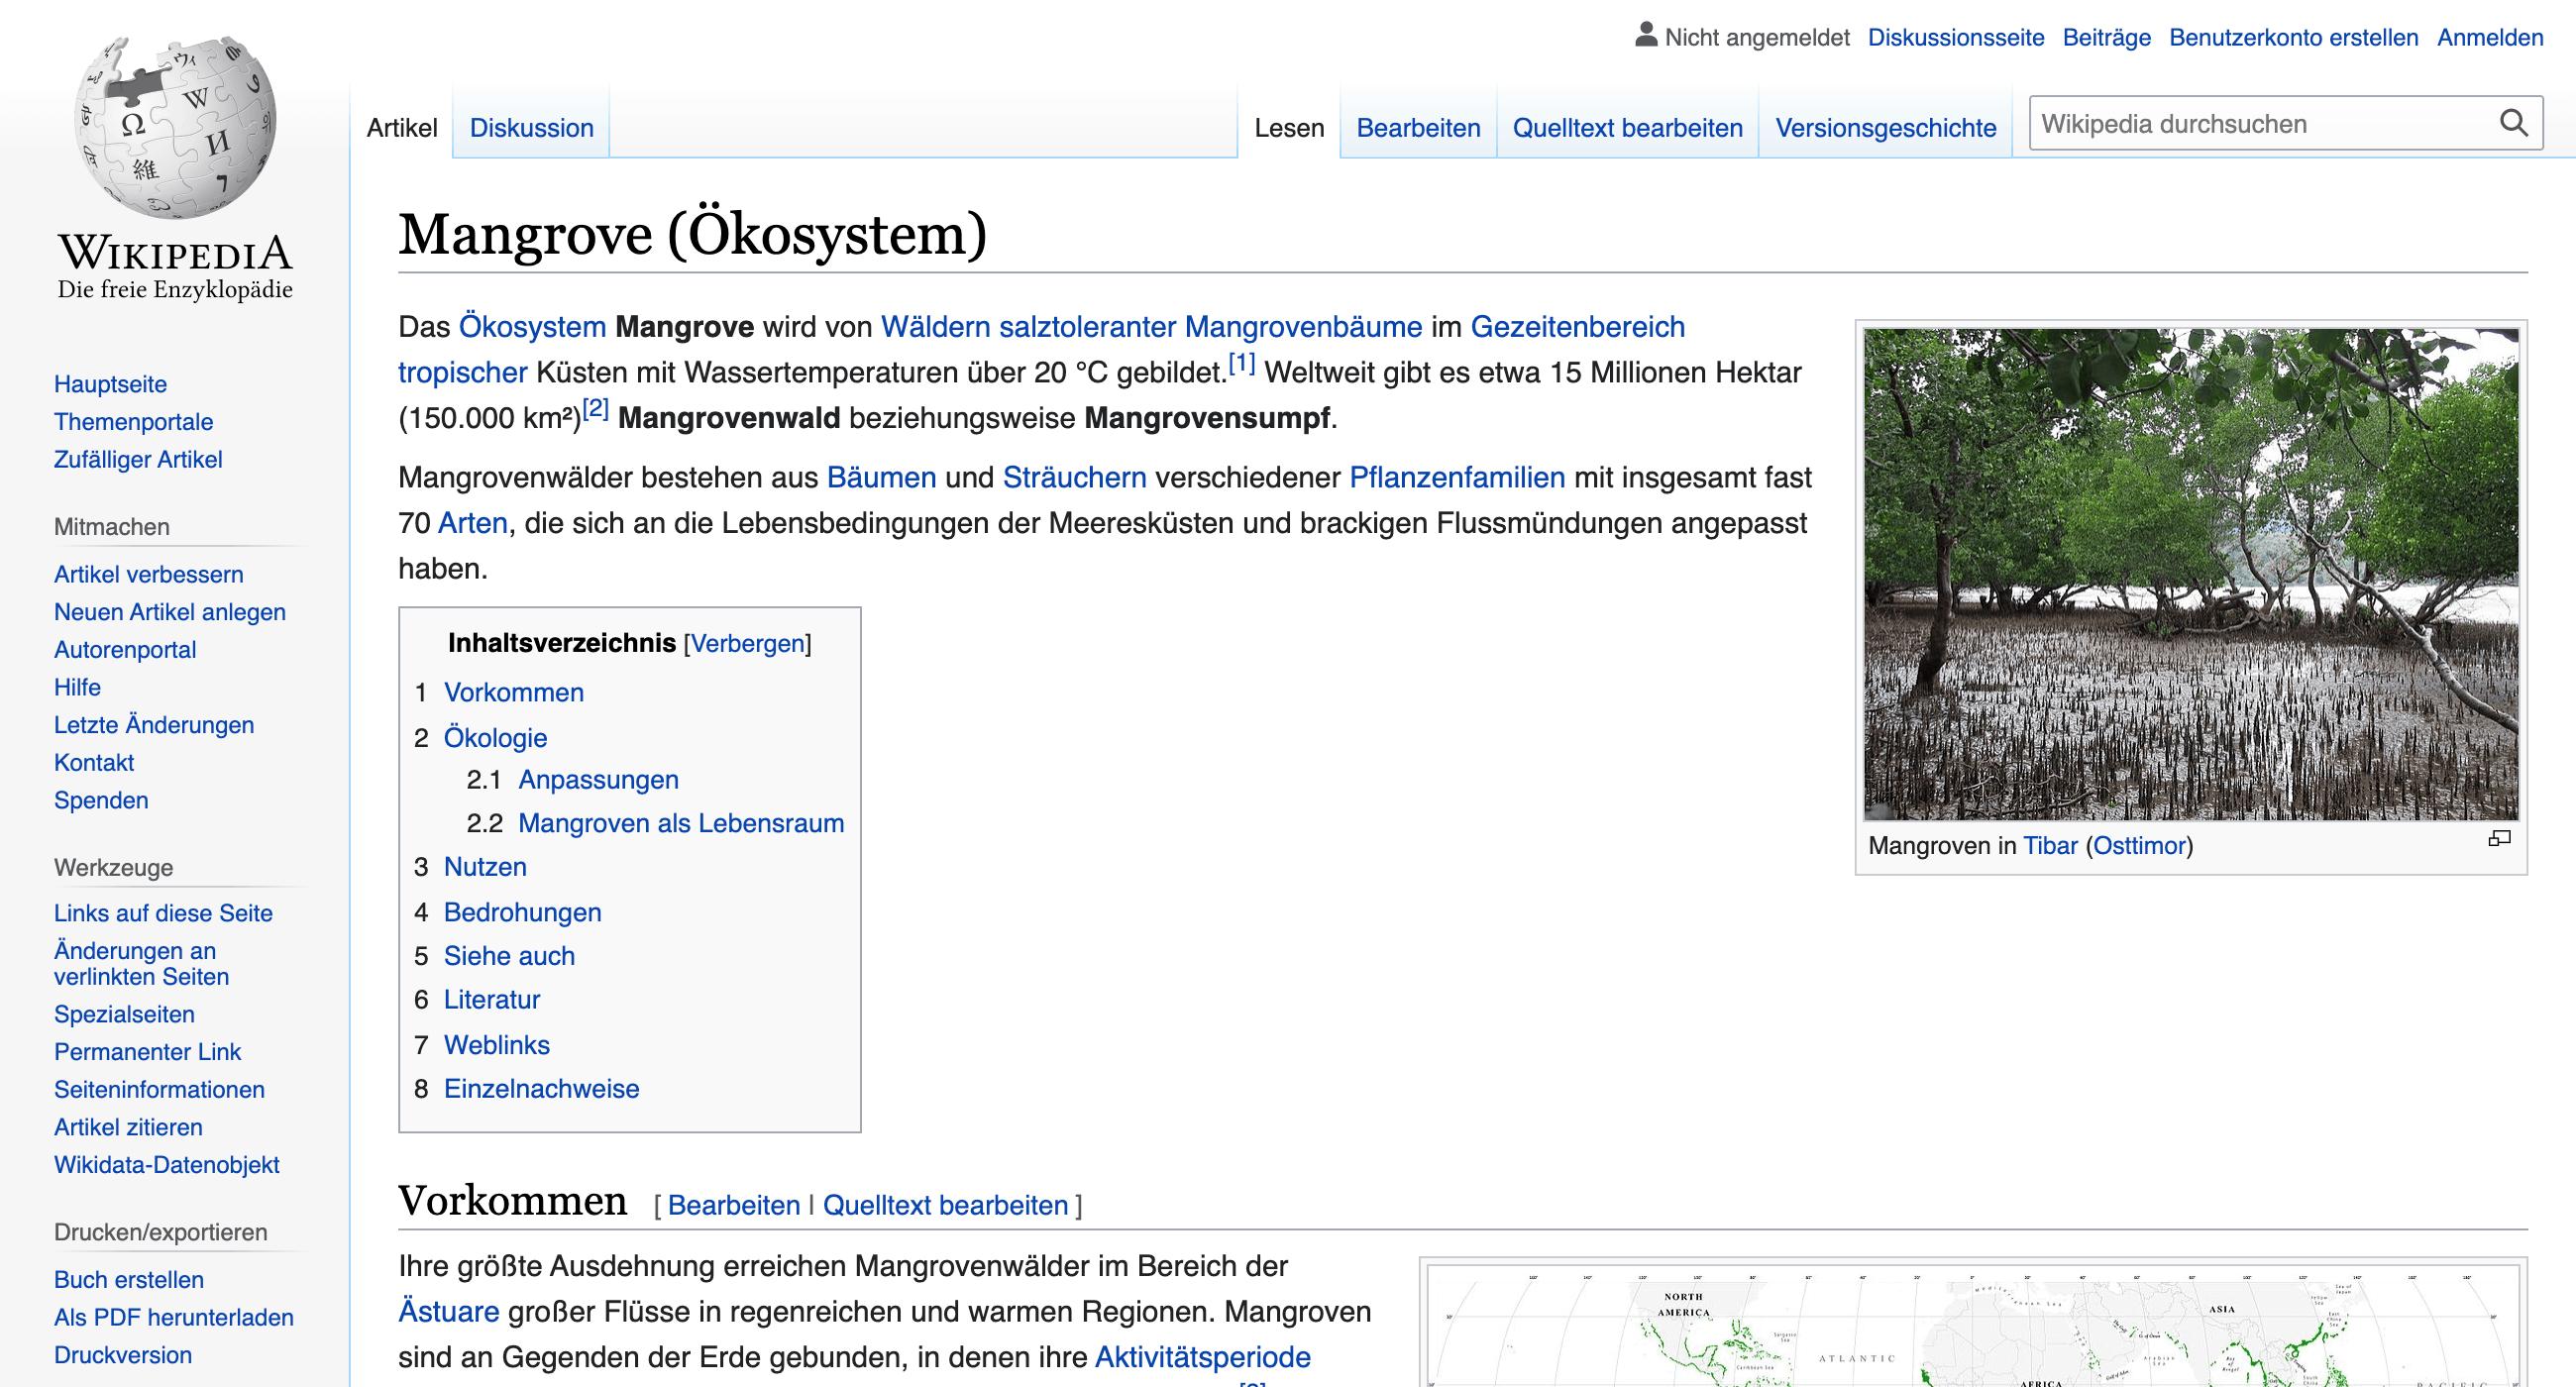 """Zeigt die Wikipedia-Seite für den Begriff """"Mangrove (Ökosystem)"""" an."""